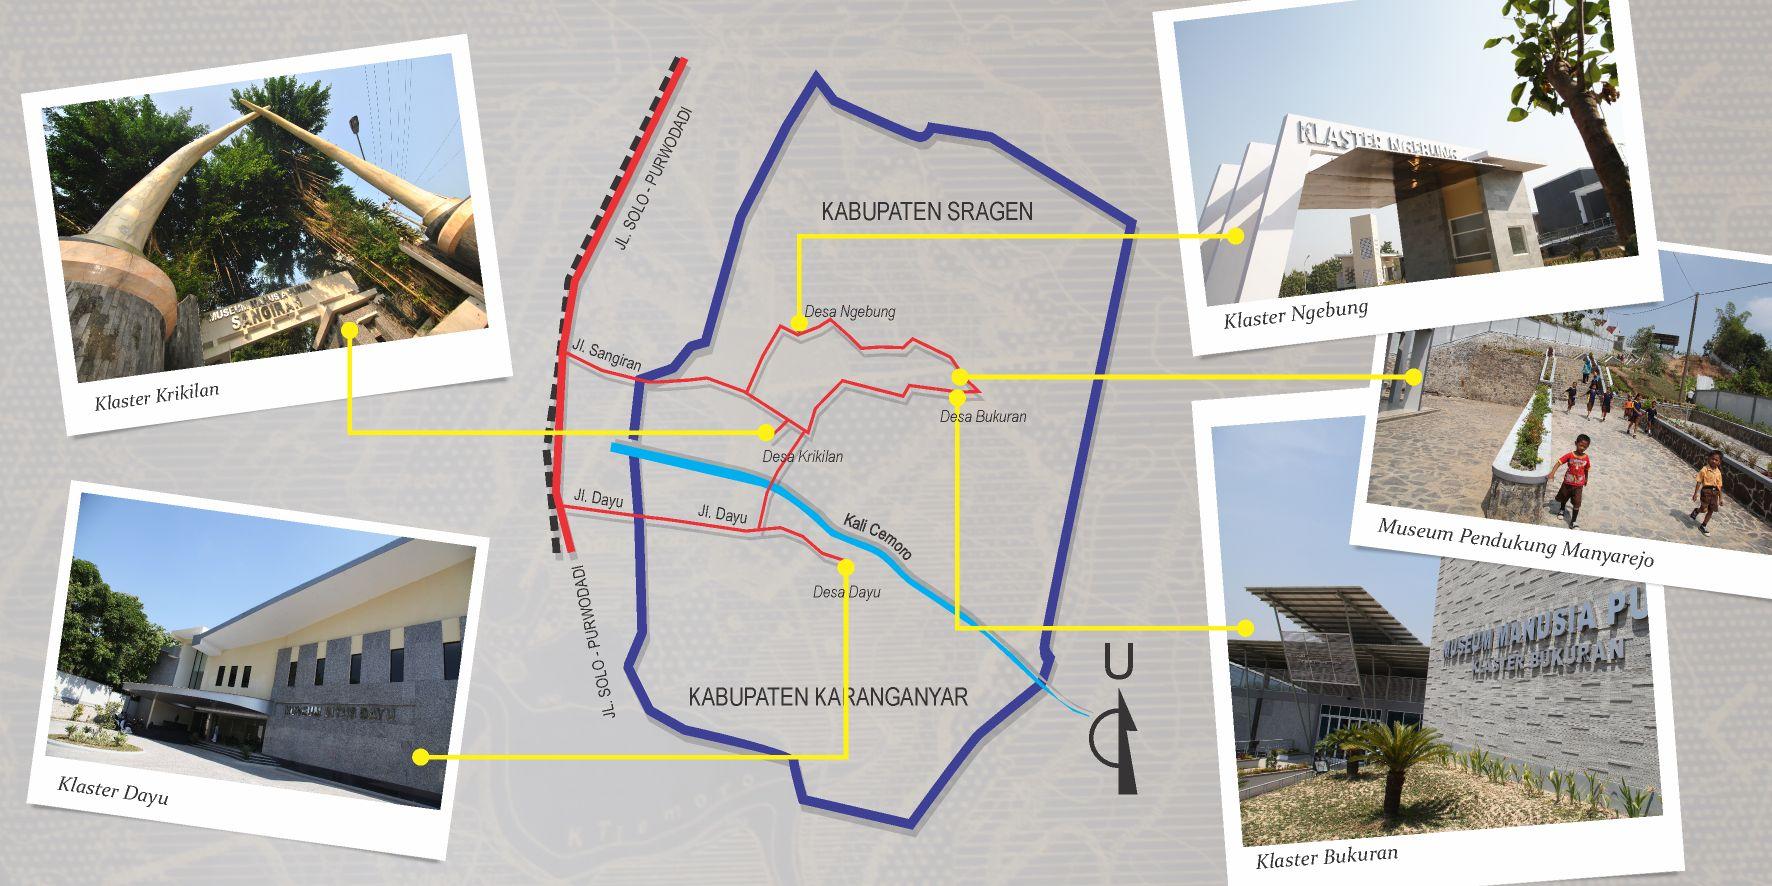 2 Kabupaten Bpsmp Sangiran Museum Manusia Purba Dibangun Atas Lahan